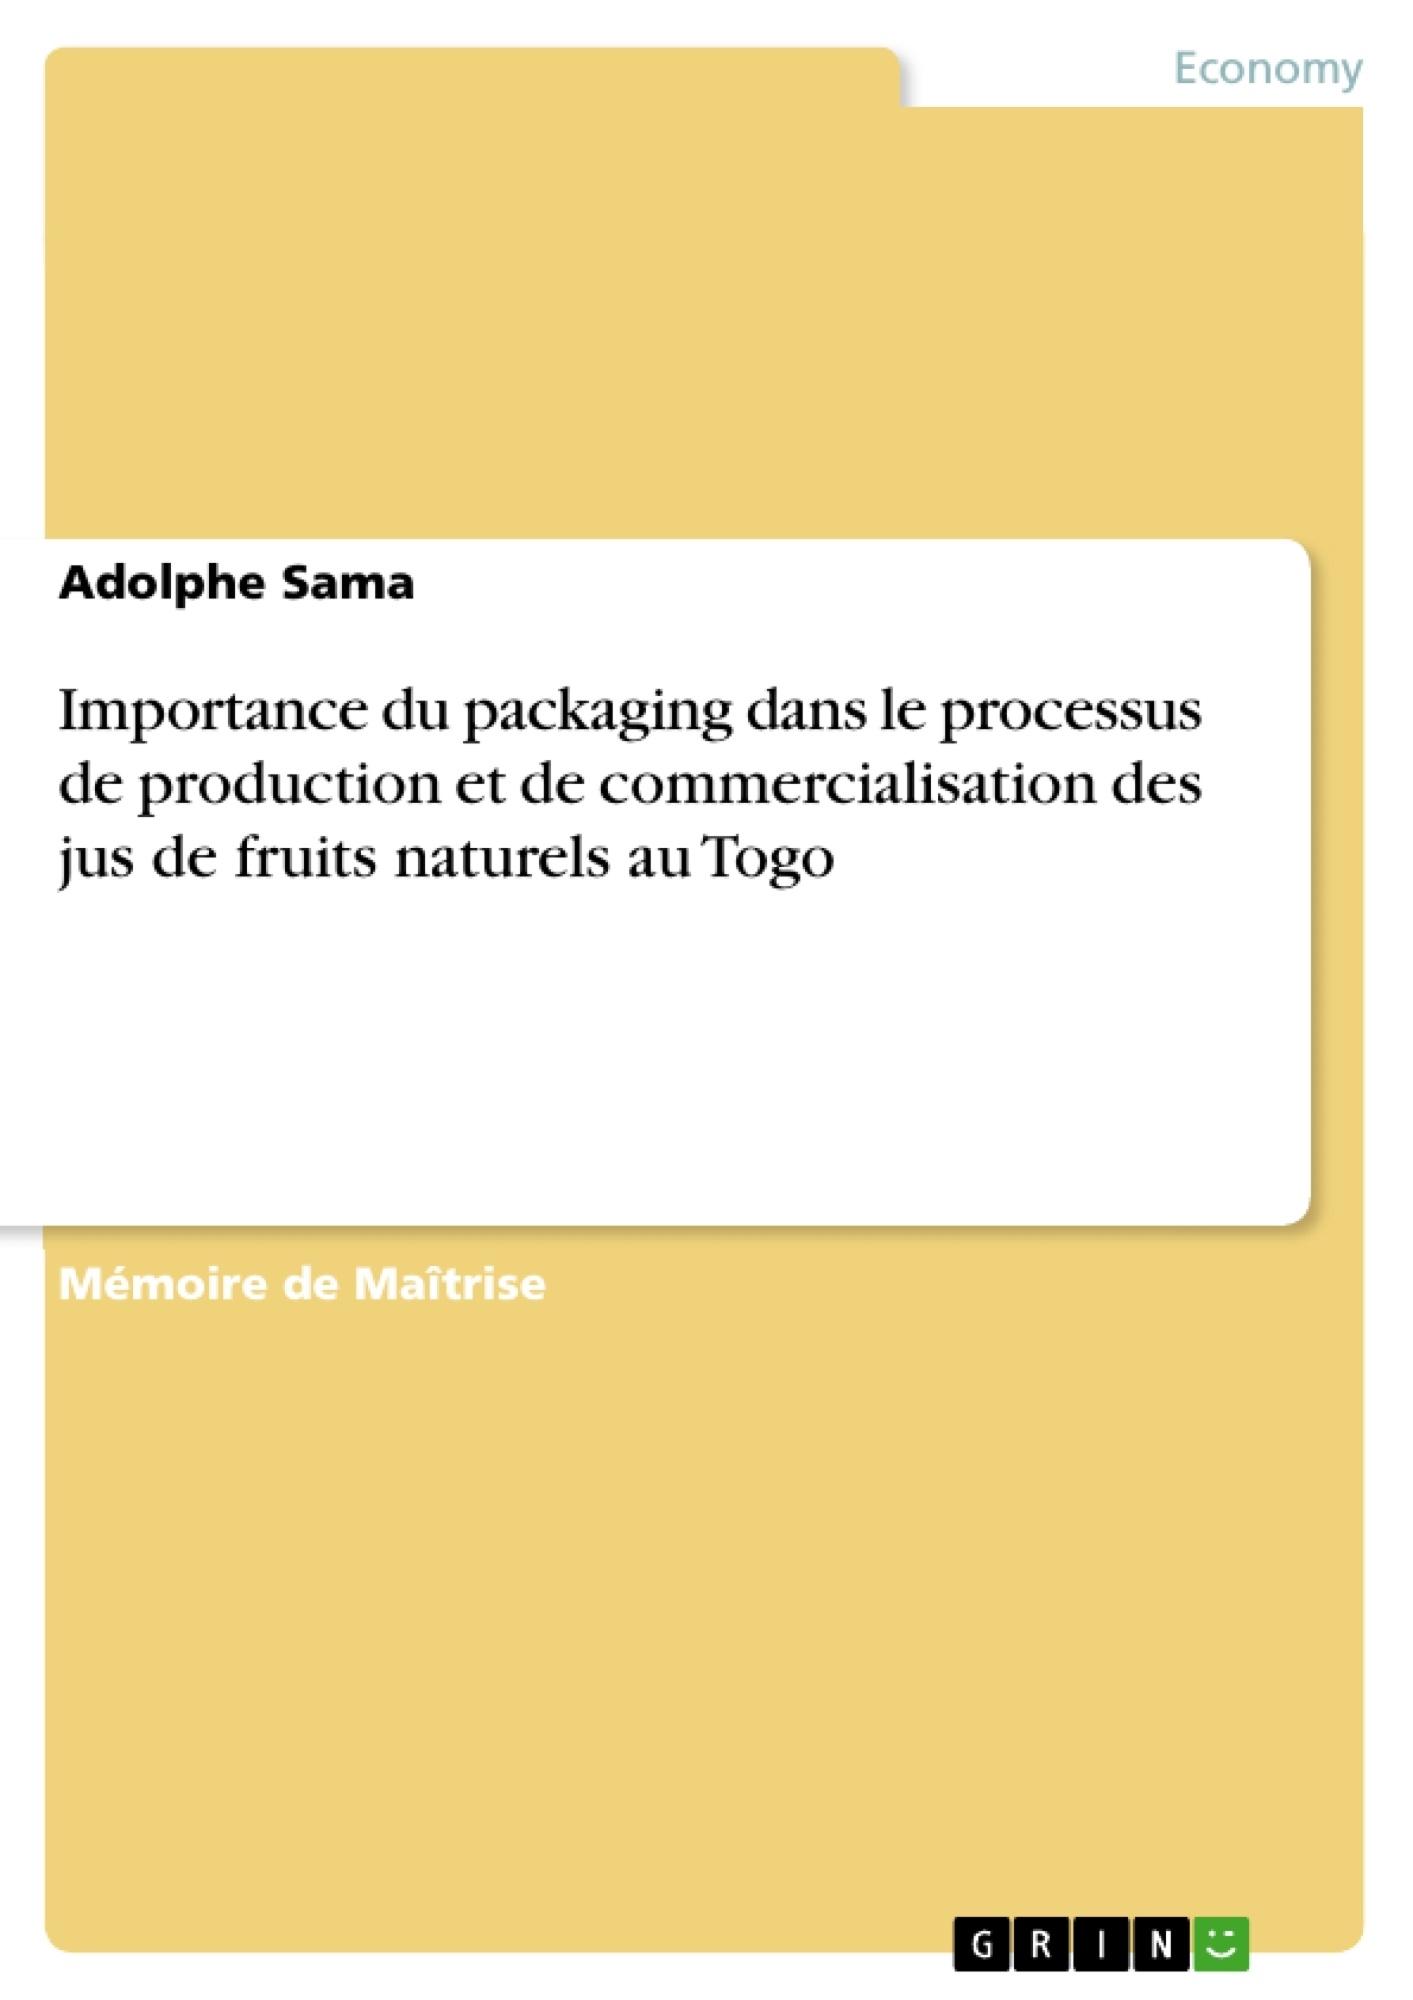 Titre: Importance du packaging dans le processus de production et de commercialisation des jus de fruits naturels au Togo